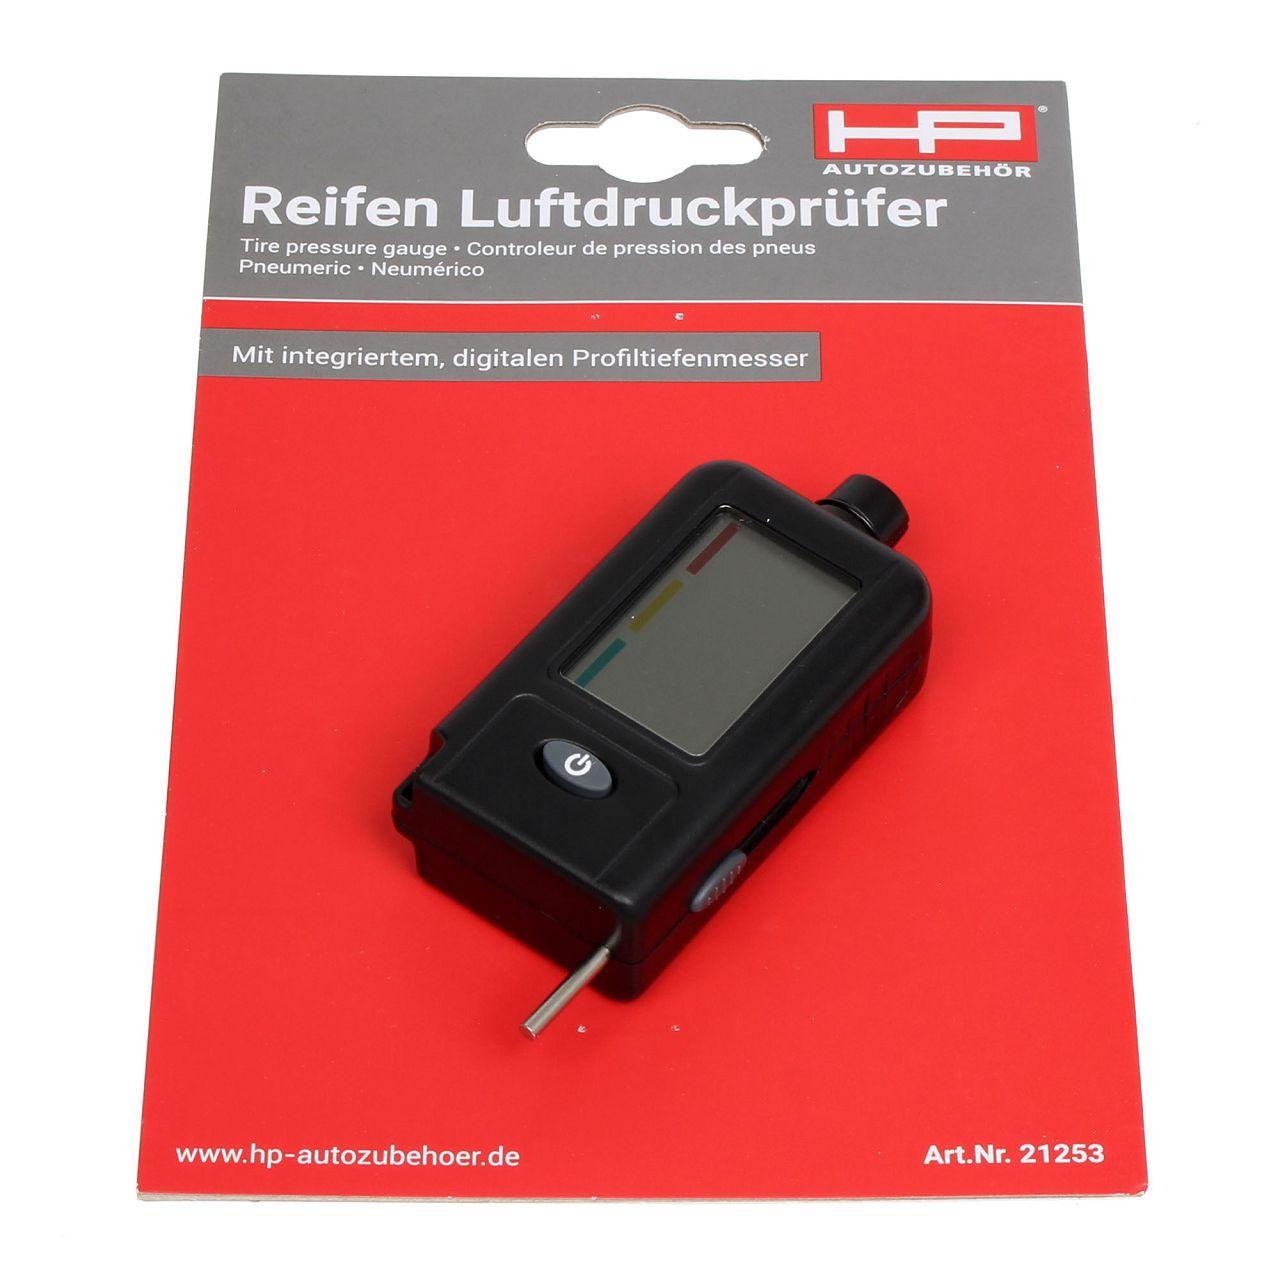 HP 21253 Luftdruckprüfer Reifendruckprüfer Reifen-Luftdruckprüfer